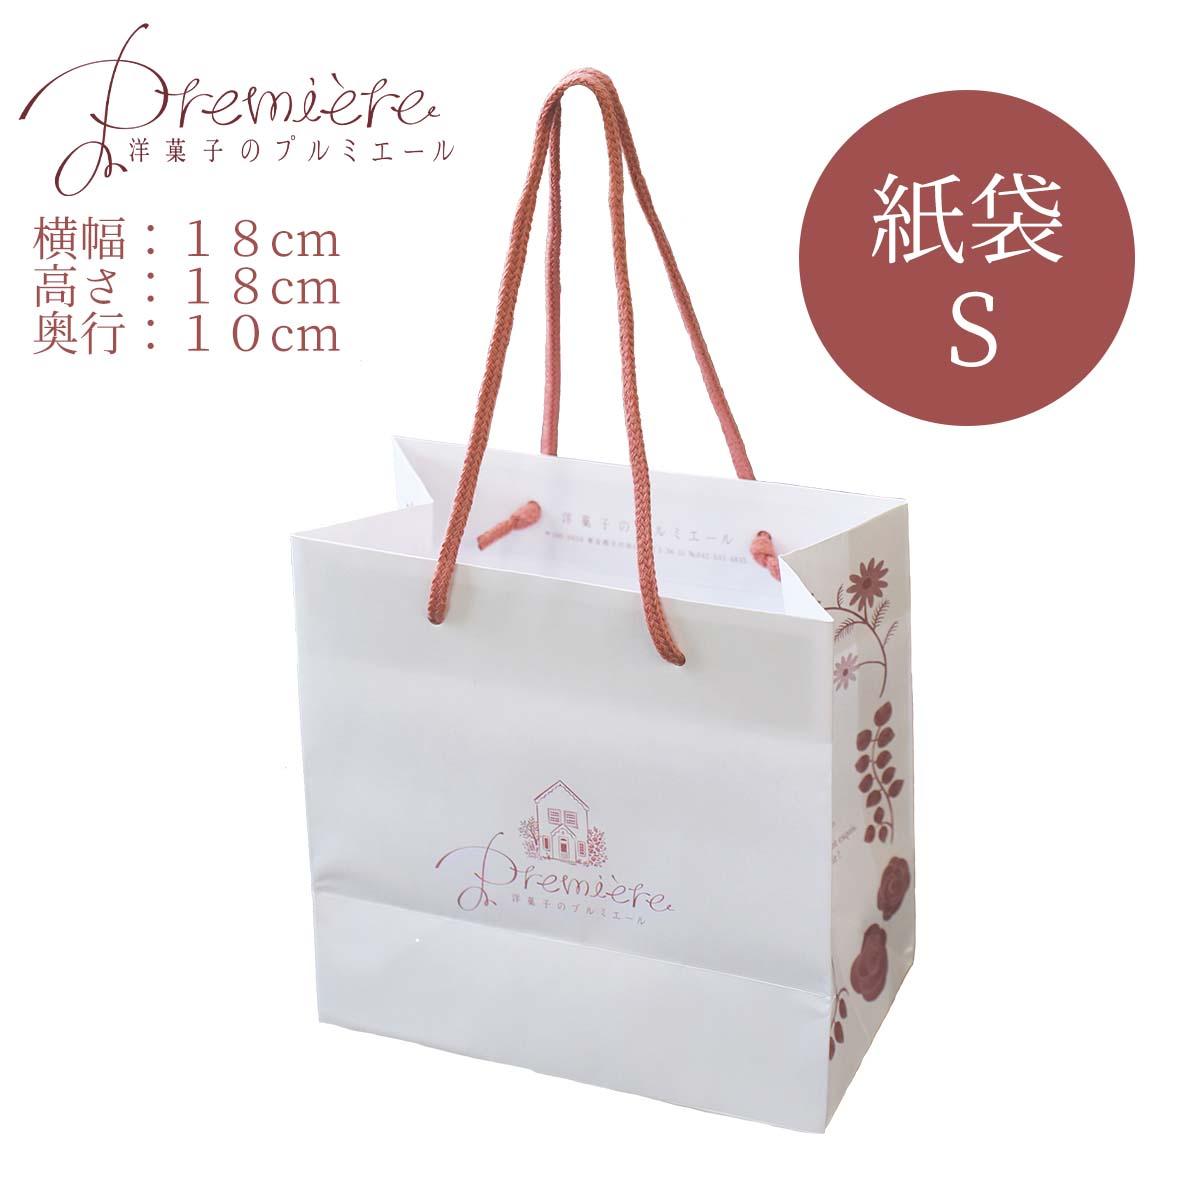 35%OFF 同梱専用 最新 紙袋S 洋菓子のプルミエール 幅18cm×高18cm×奥10cm